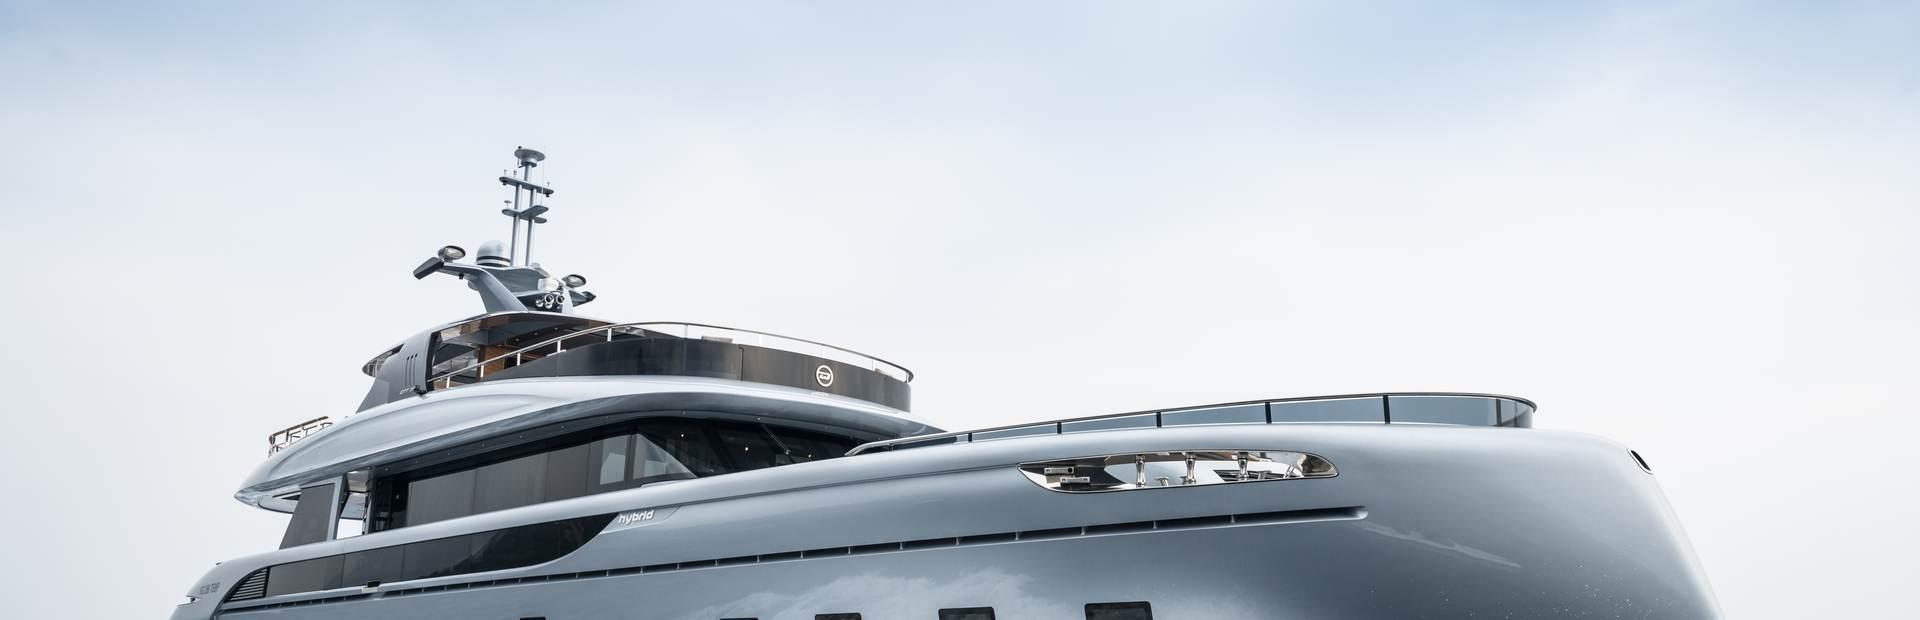 Dynamiq GTT 115 Yacht Charter